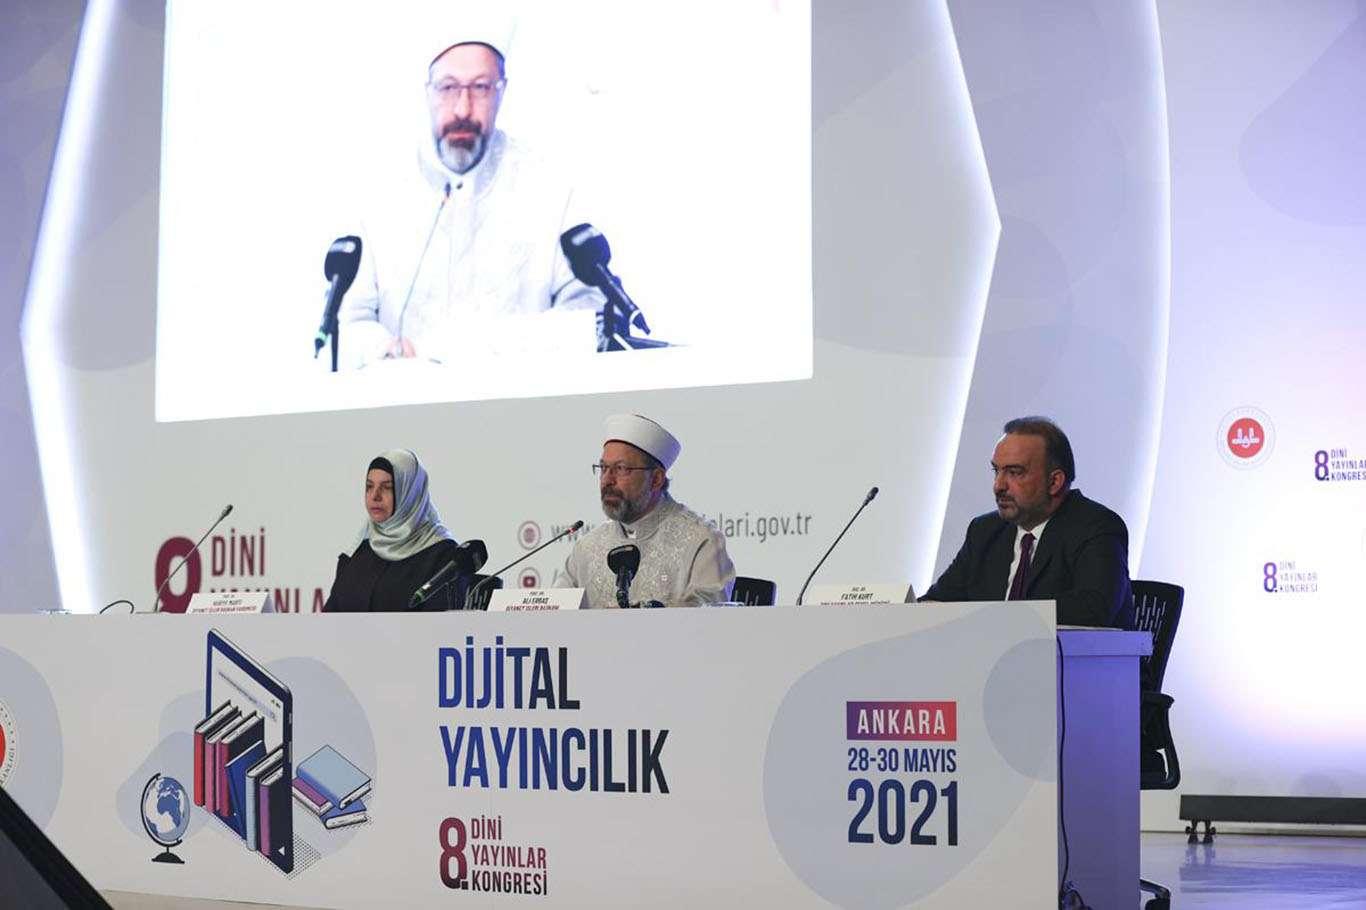 8. Dini Yayınlar Kongresi sonuç bildirisi açıklandı